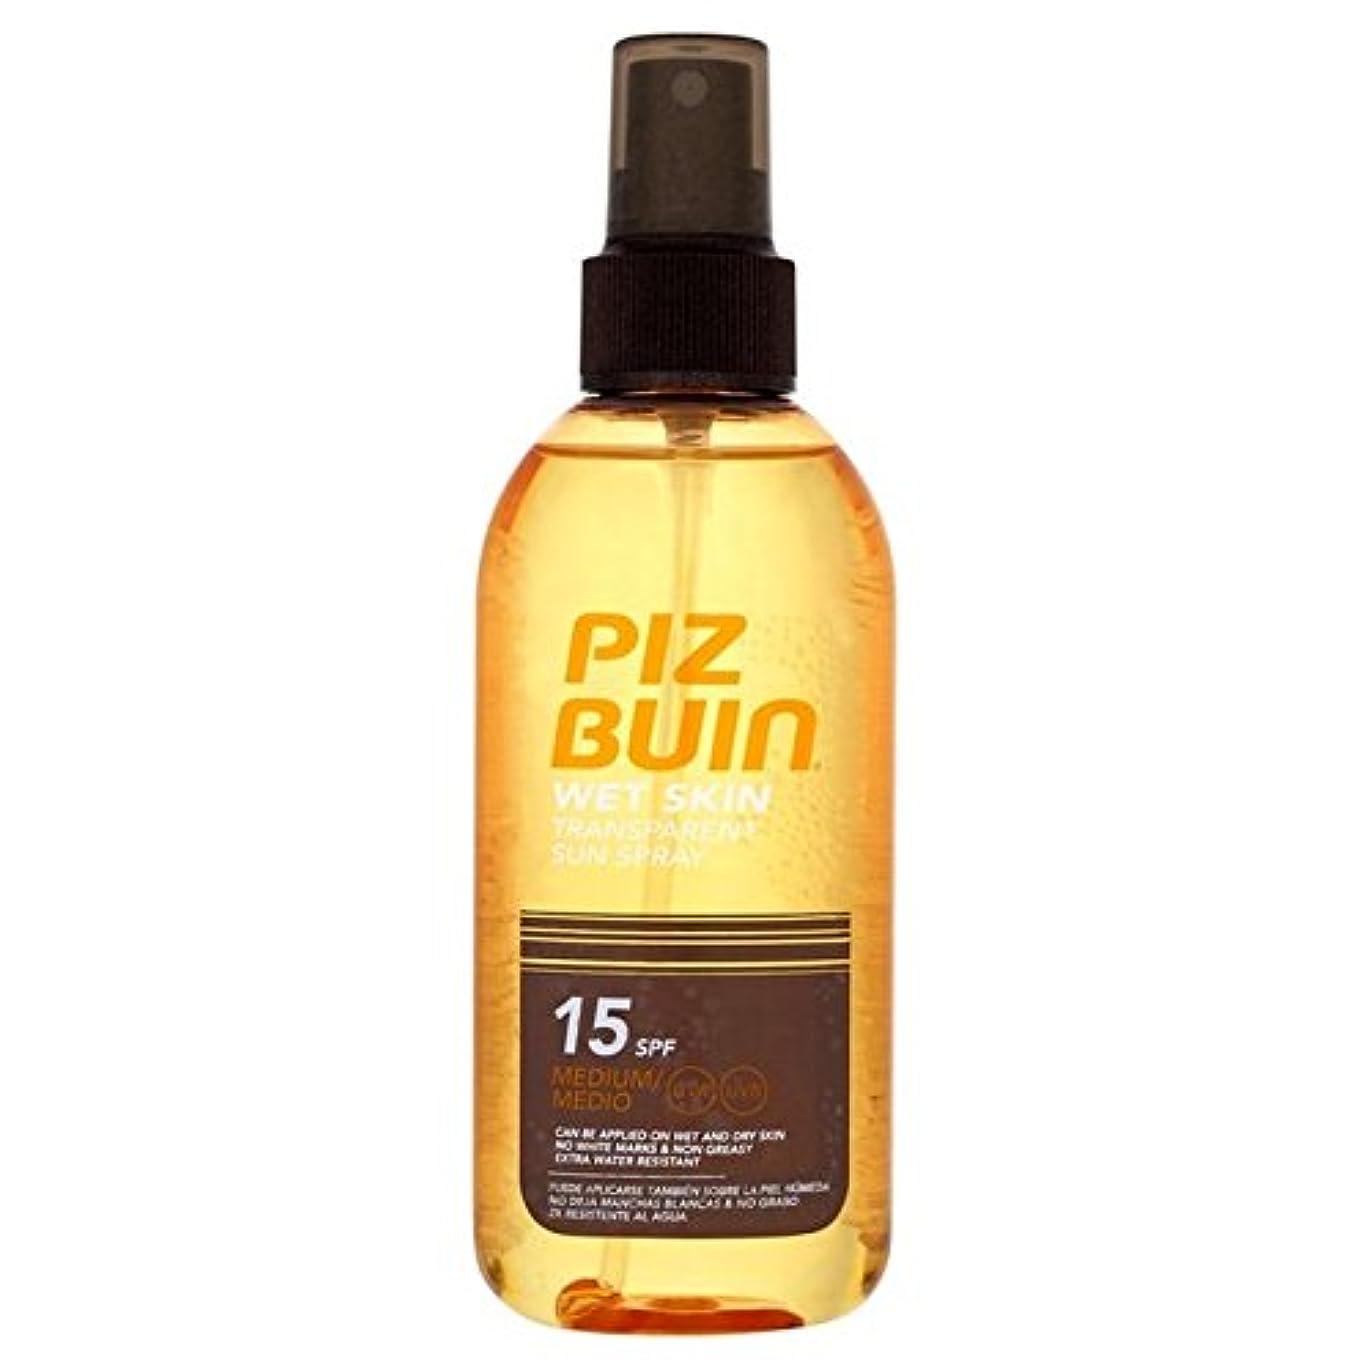 汗ピグマリオン悪のピッツブーインの湿った透明肌15の150ミリリットル x2 - Piz Buin Wet Transparent Skin SPF15 150ml (Pack of 2) [並行輸入品]